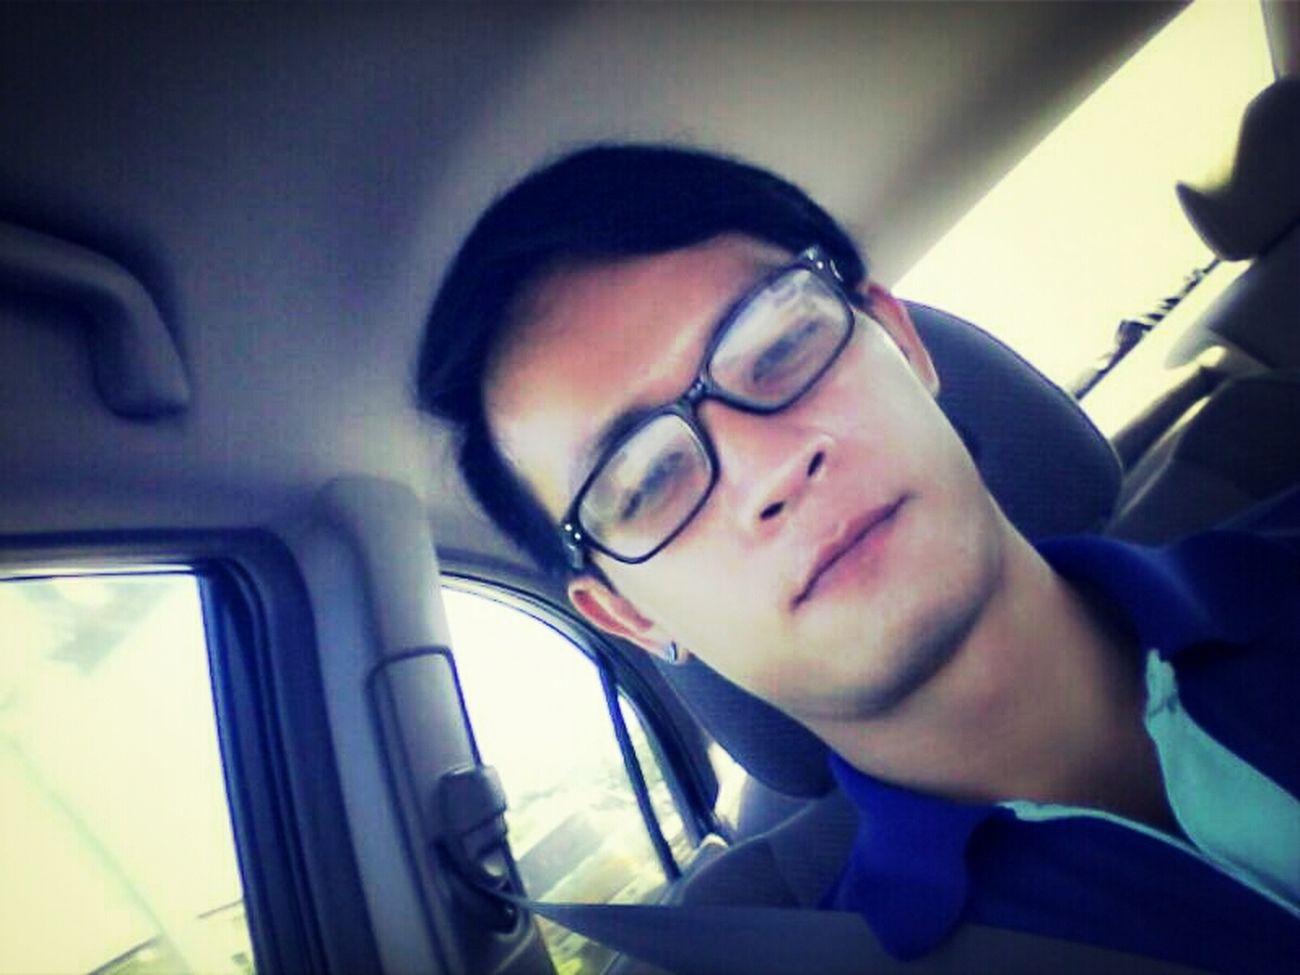 ชีวิต กิน-ขี้-ปี้-นอน บนรถตลอด